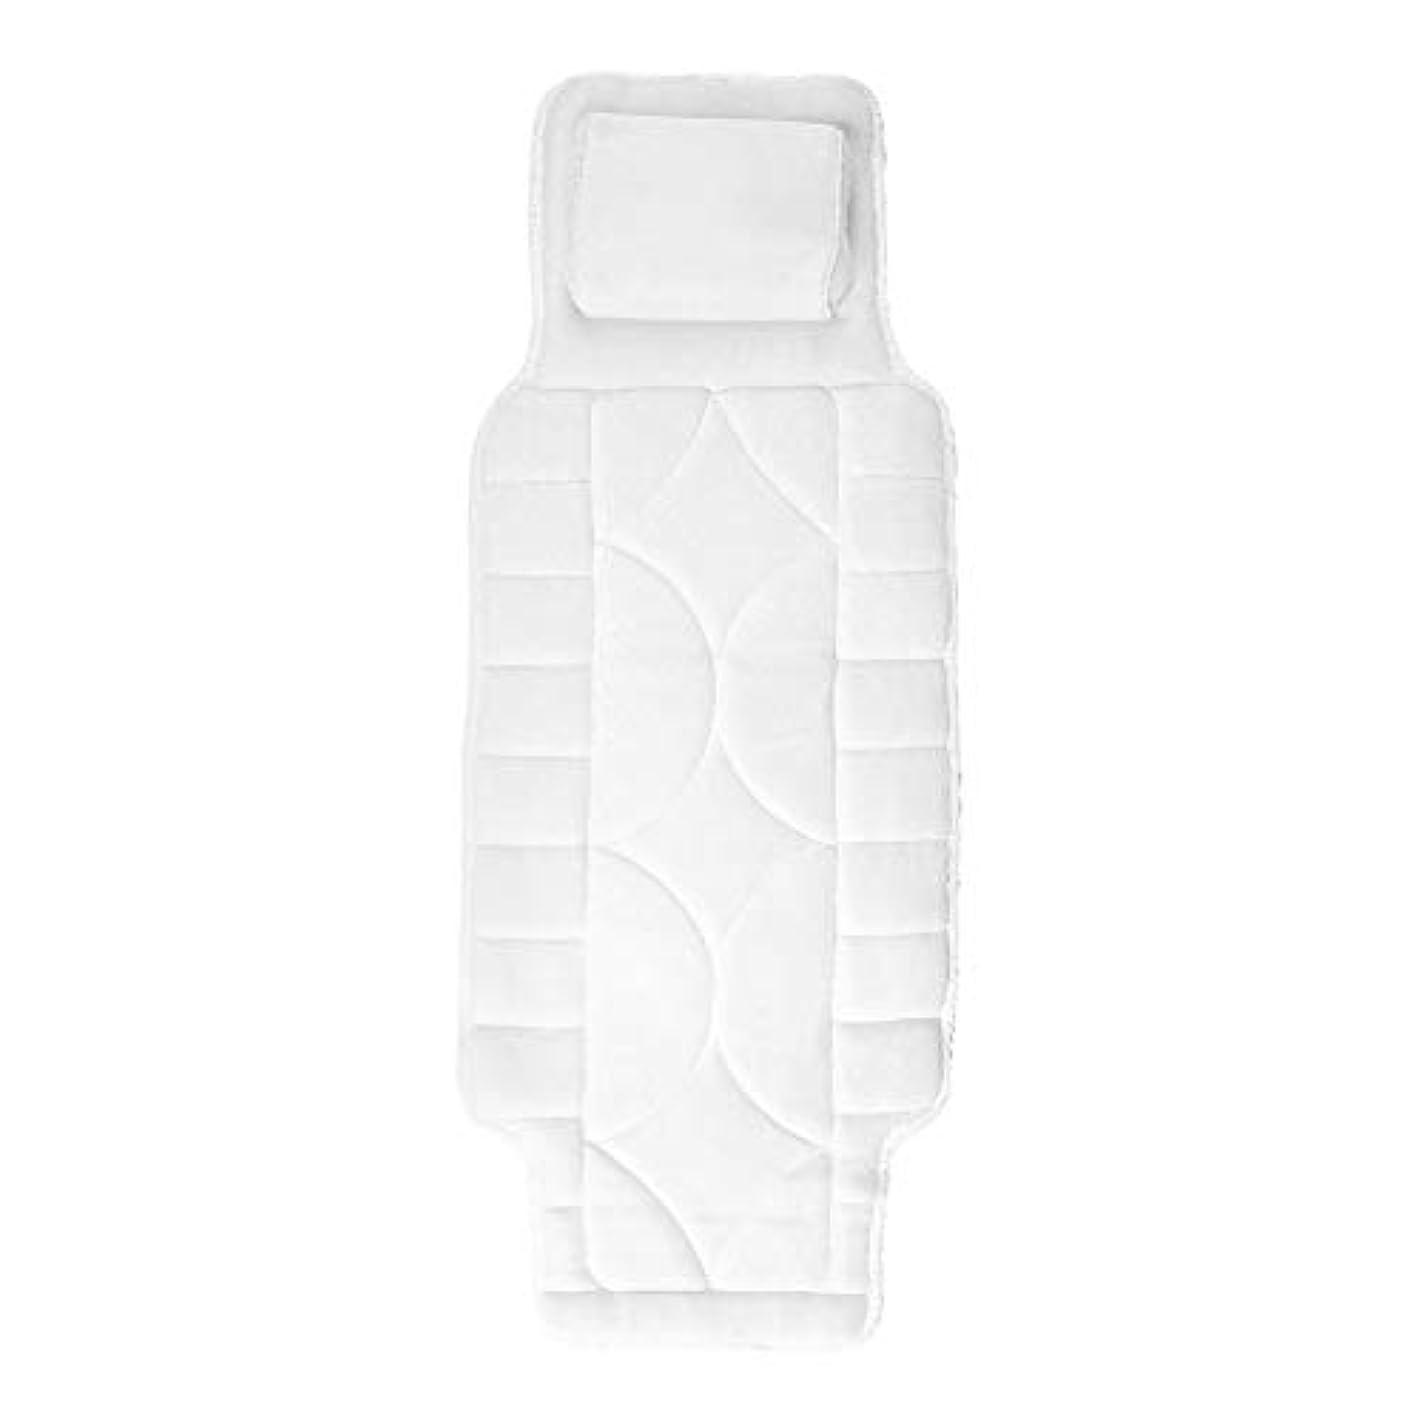 裏切り者天皇洗う10個の吸引カップが付いている浴室の枕フルボディスパ浴槽の枕マット